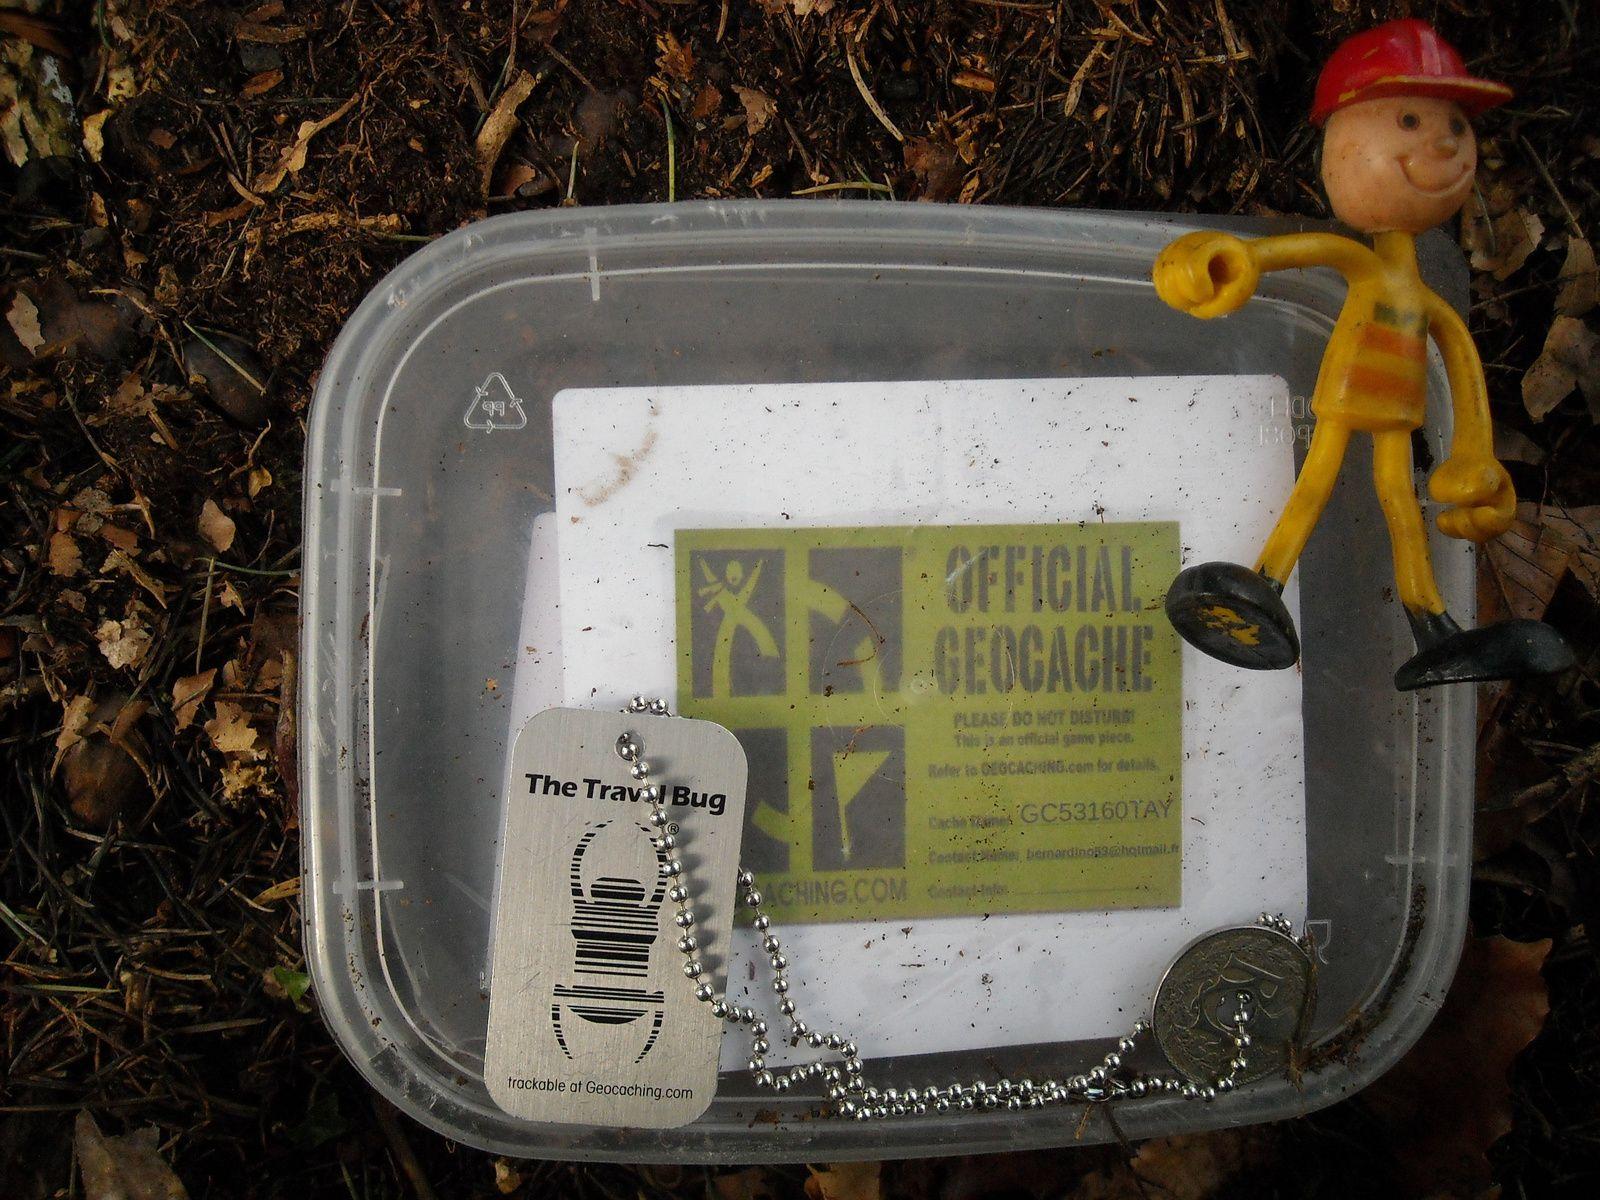 Ma boîte au bois du Tay... et le nouvel objet voyageur. Combien de temps restera-t-il pensionnaire ici?